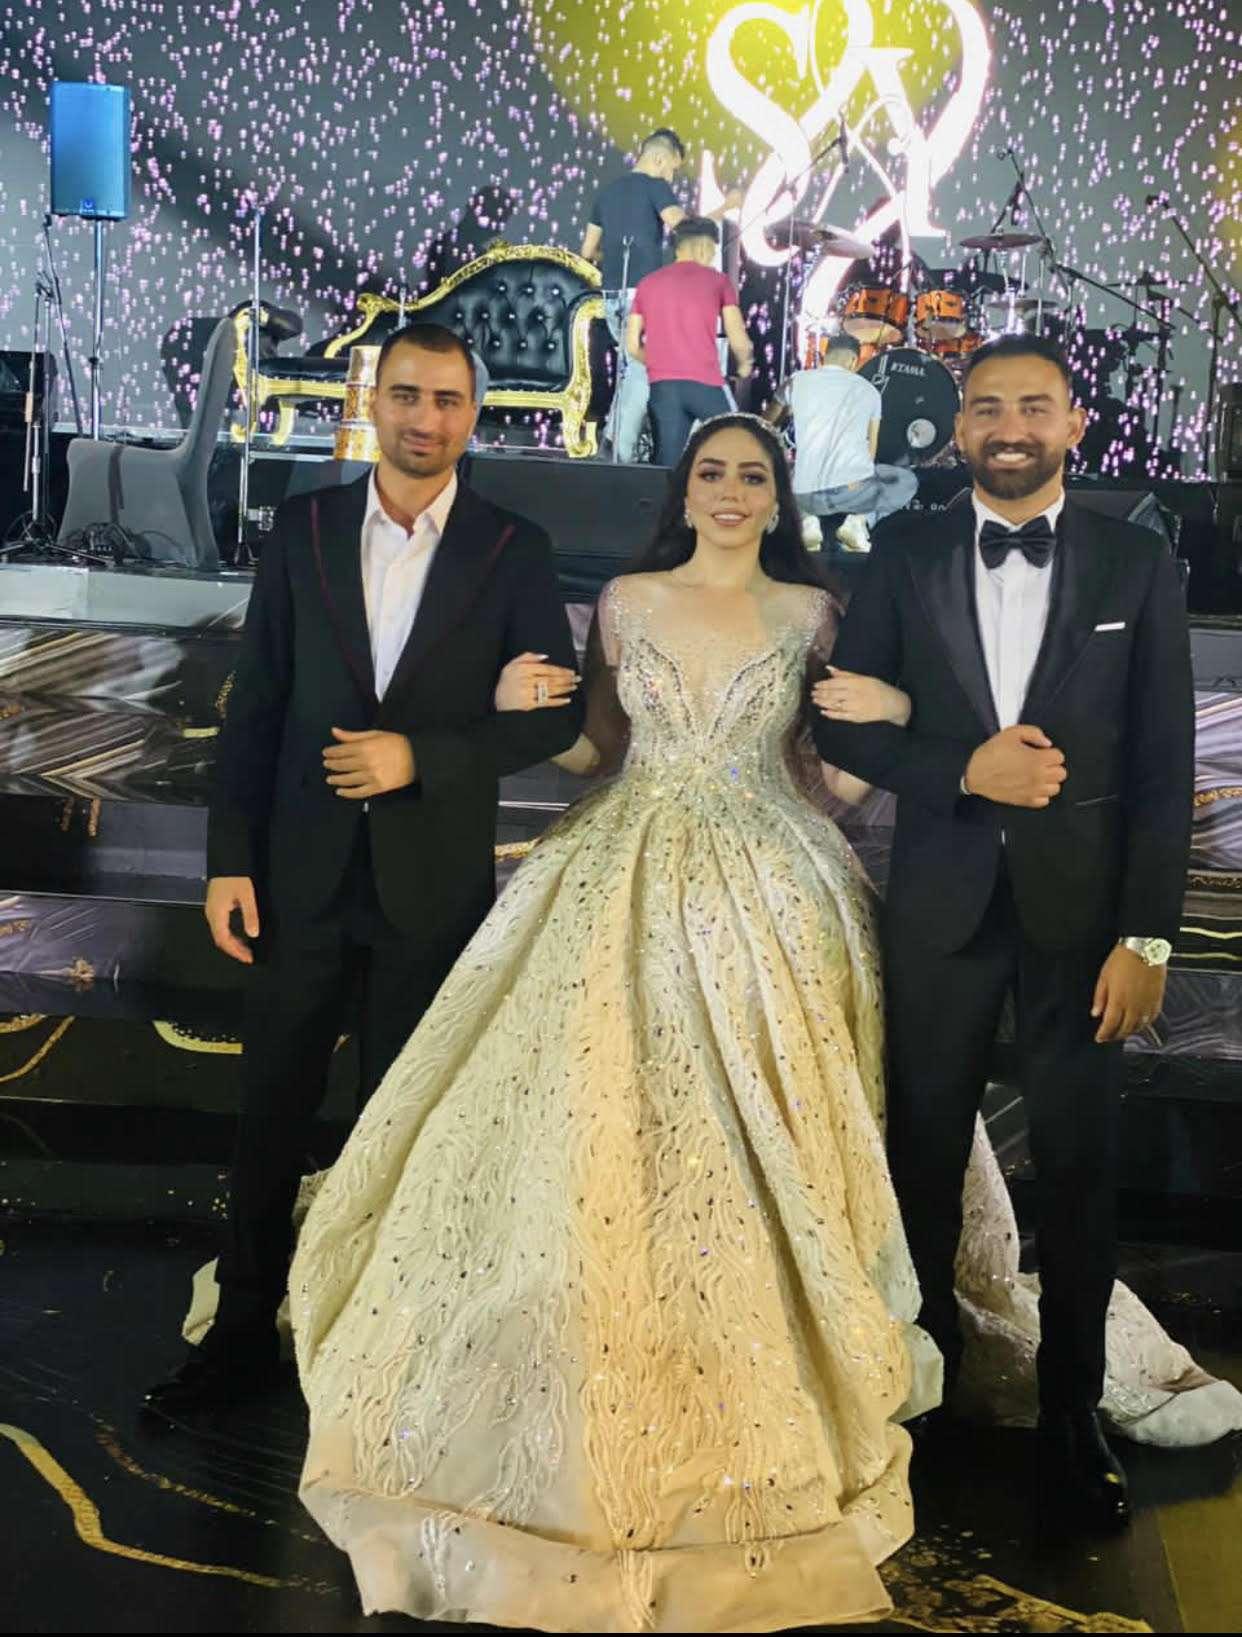 بالصور - بوسي تتألق في حفل زفاف شقيق عضو مجلس أمناء جامعة مصر